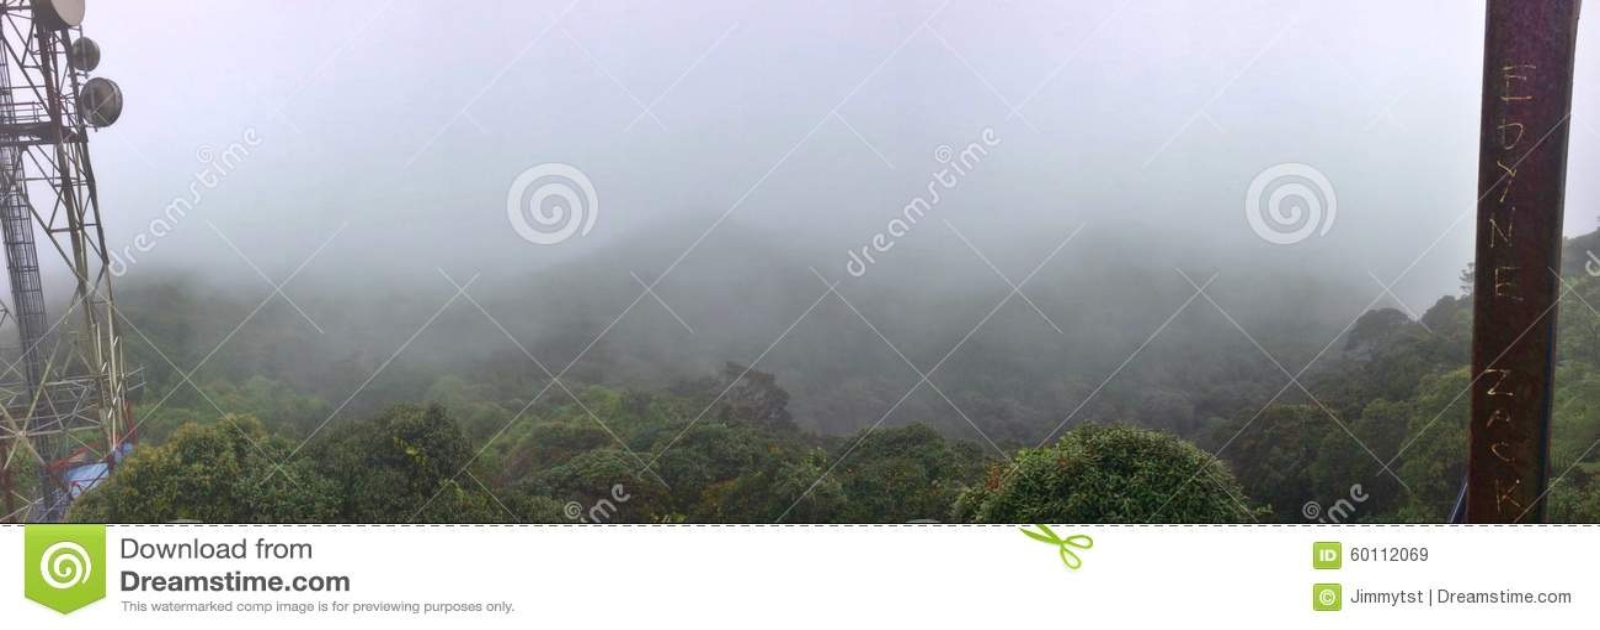 Summit view - Gunung Brinchang